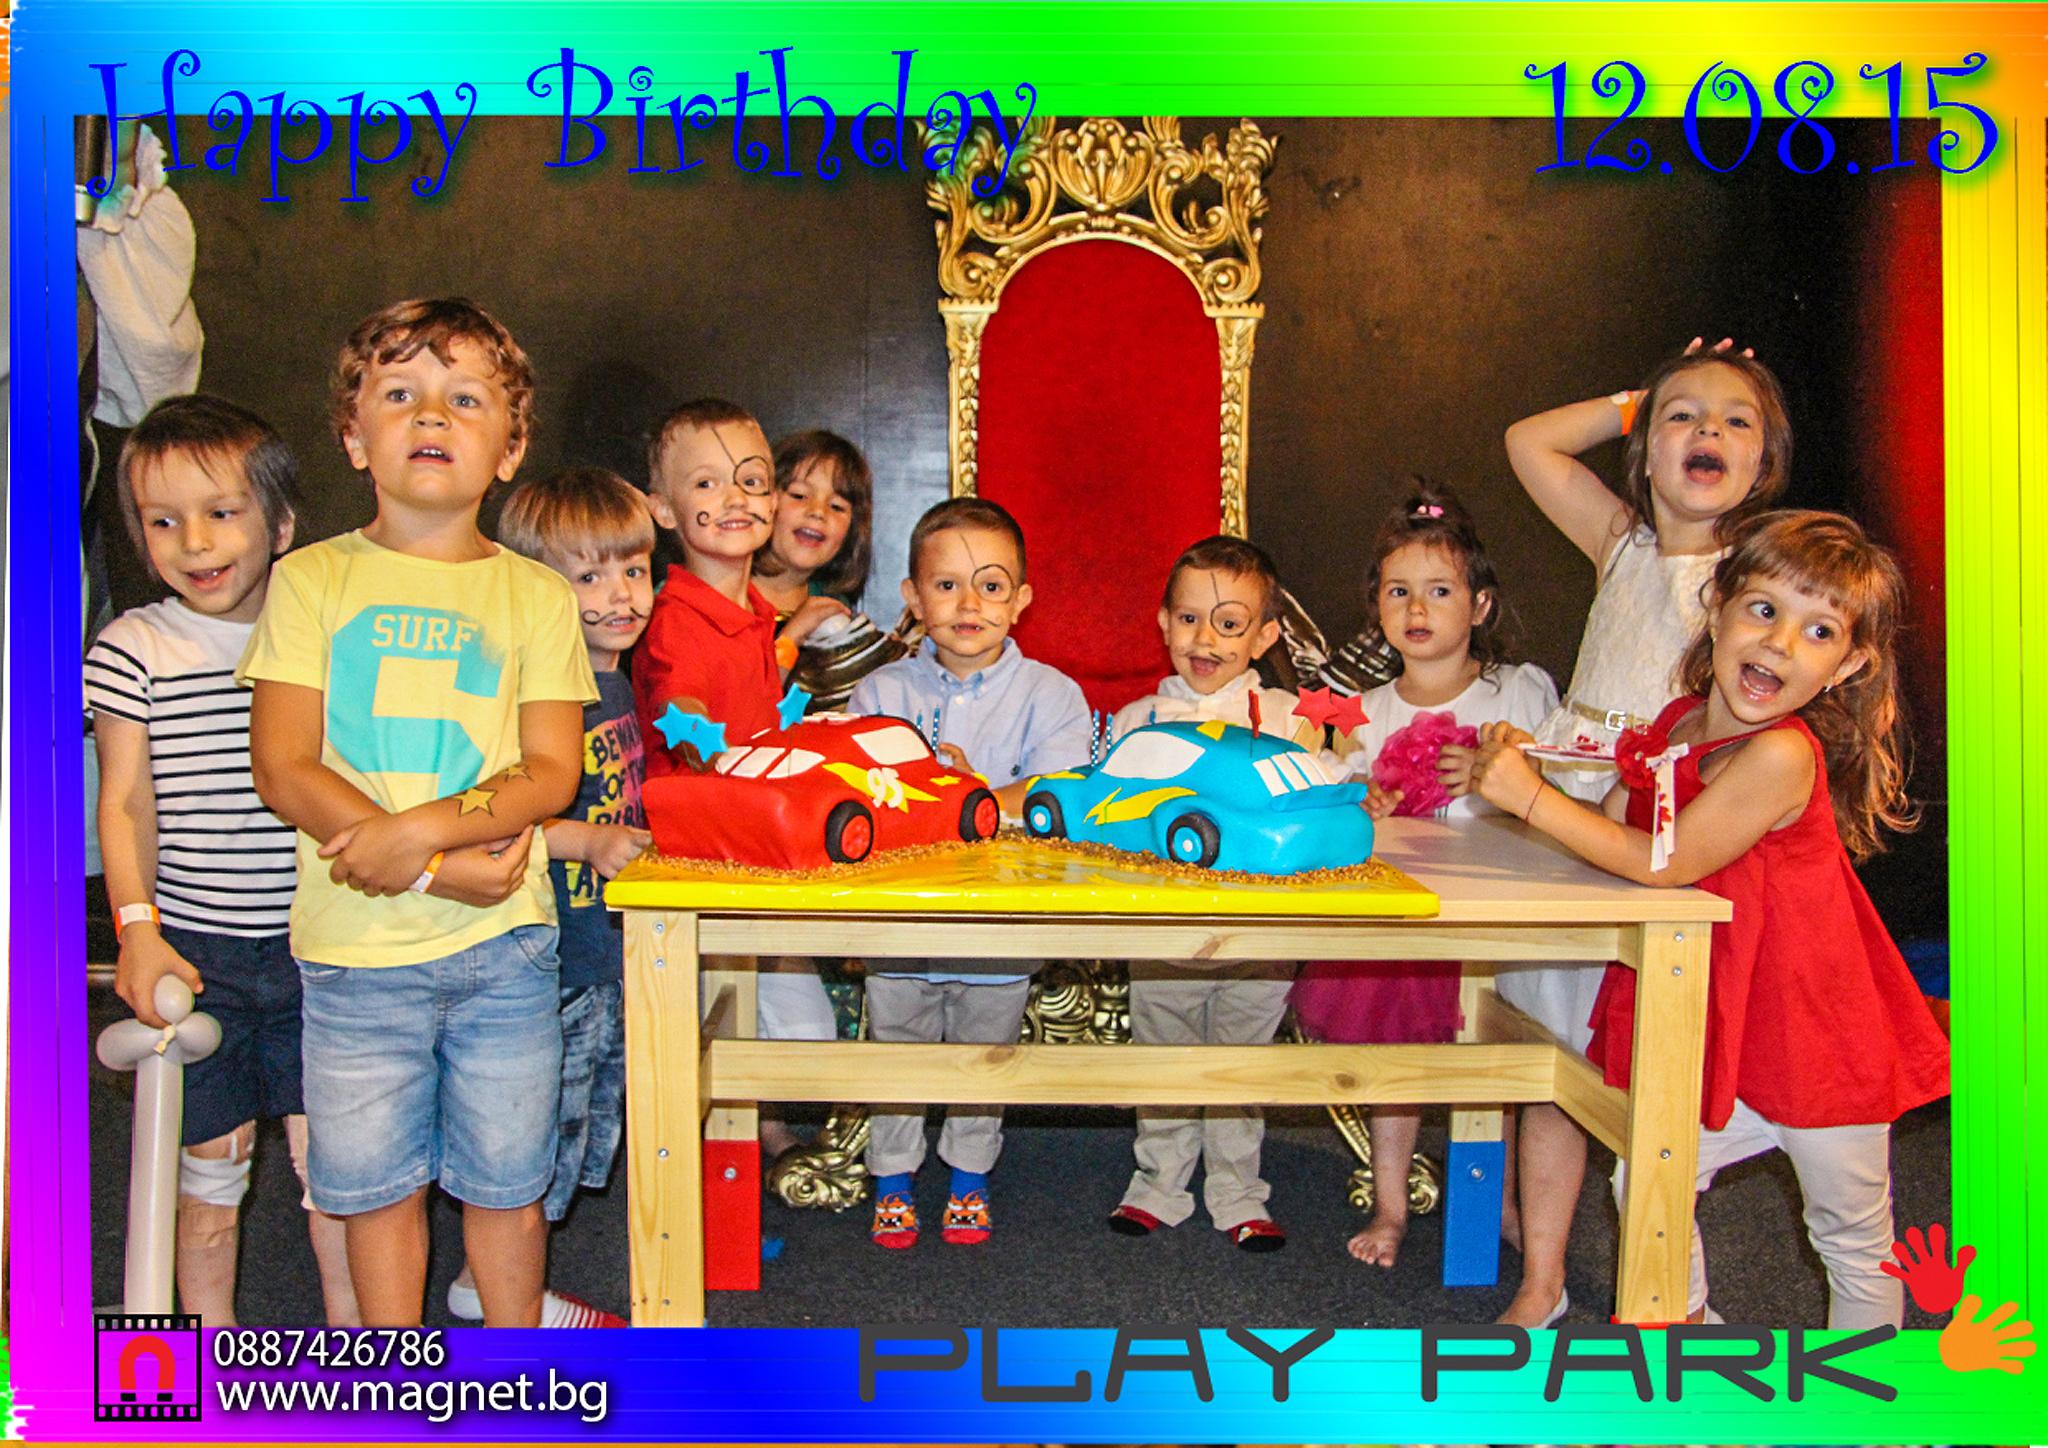 -подаръци-за-гости-детско-парти-12.08.1500011